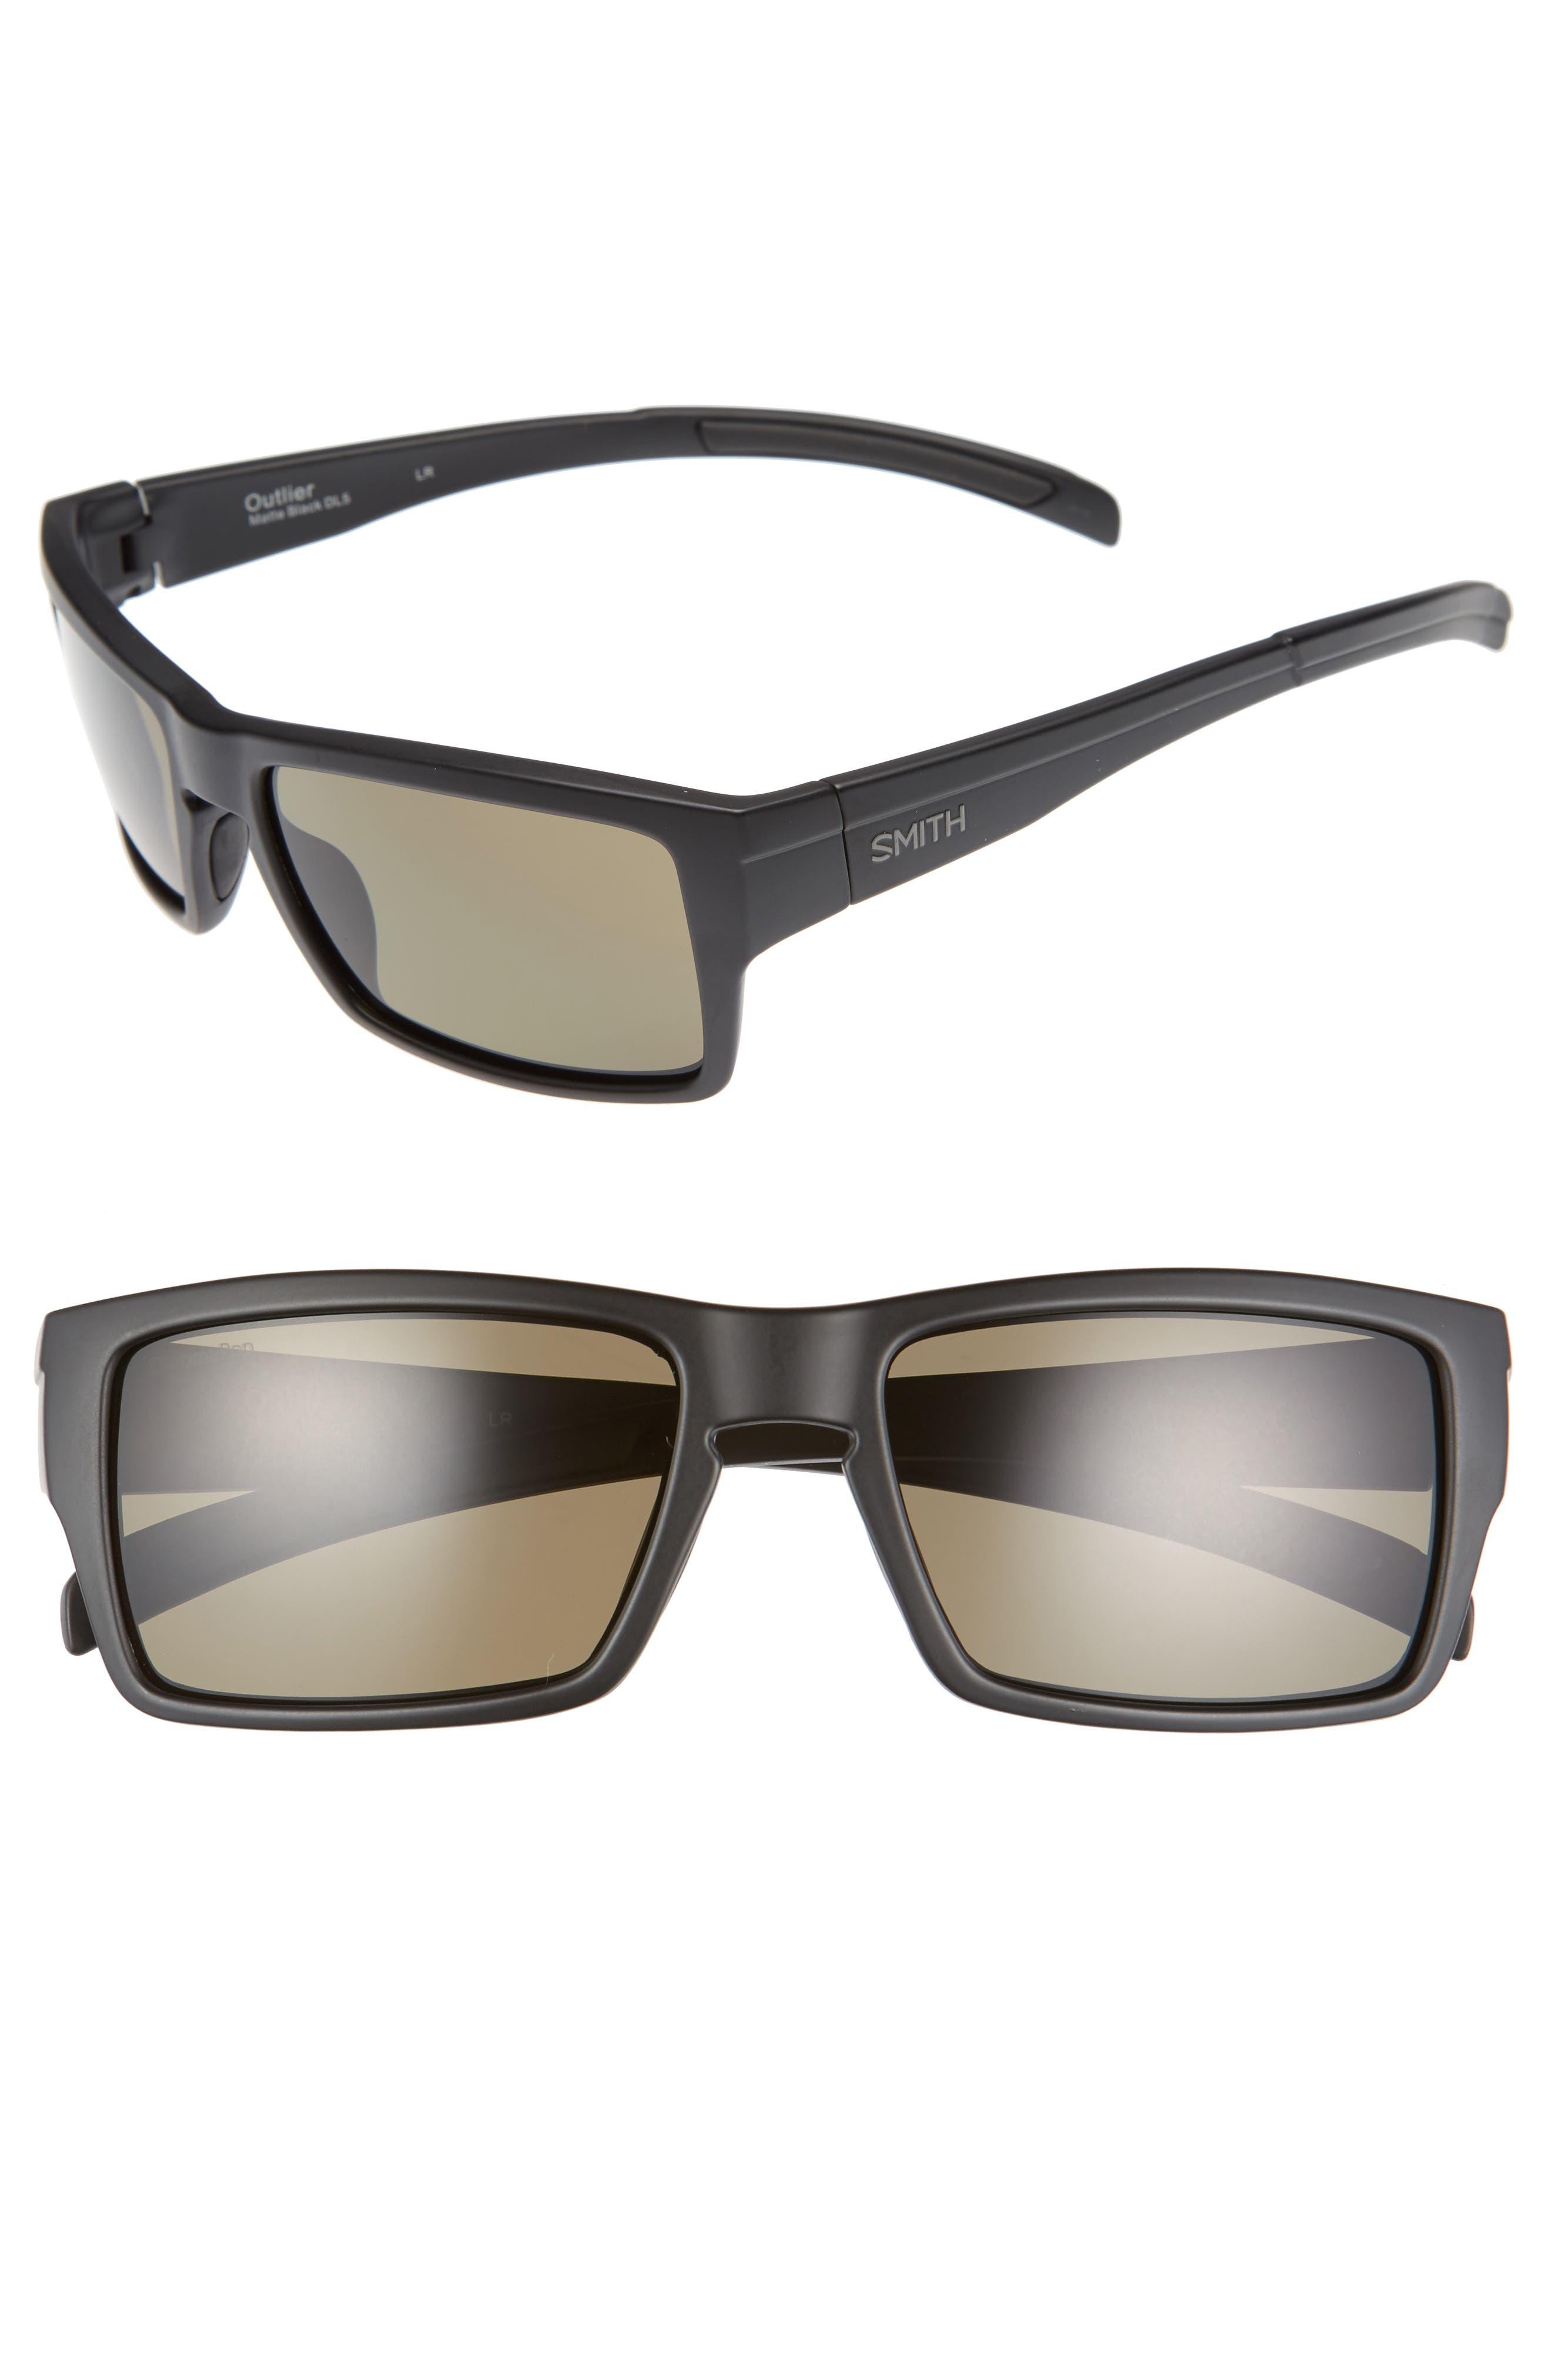 Outlier 56mm ChromaPop Polarized Sunglasses,                             Main thumbnail 1, color,